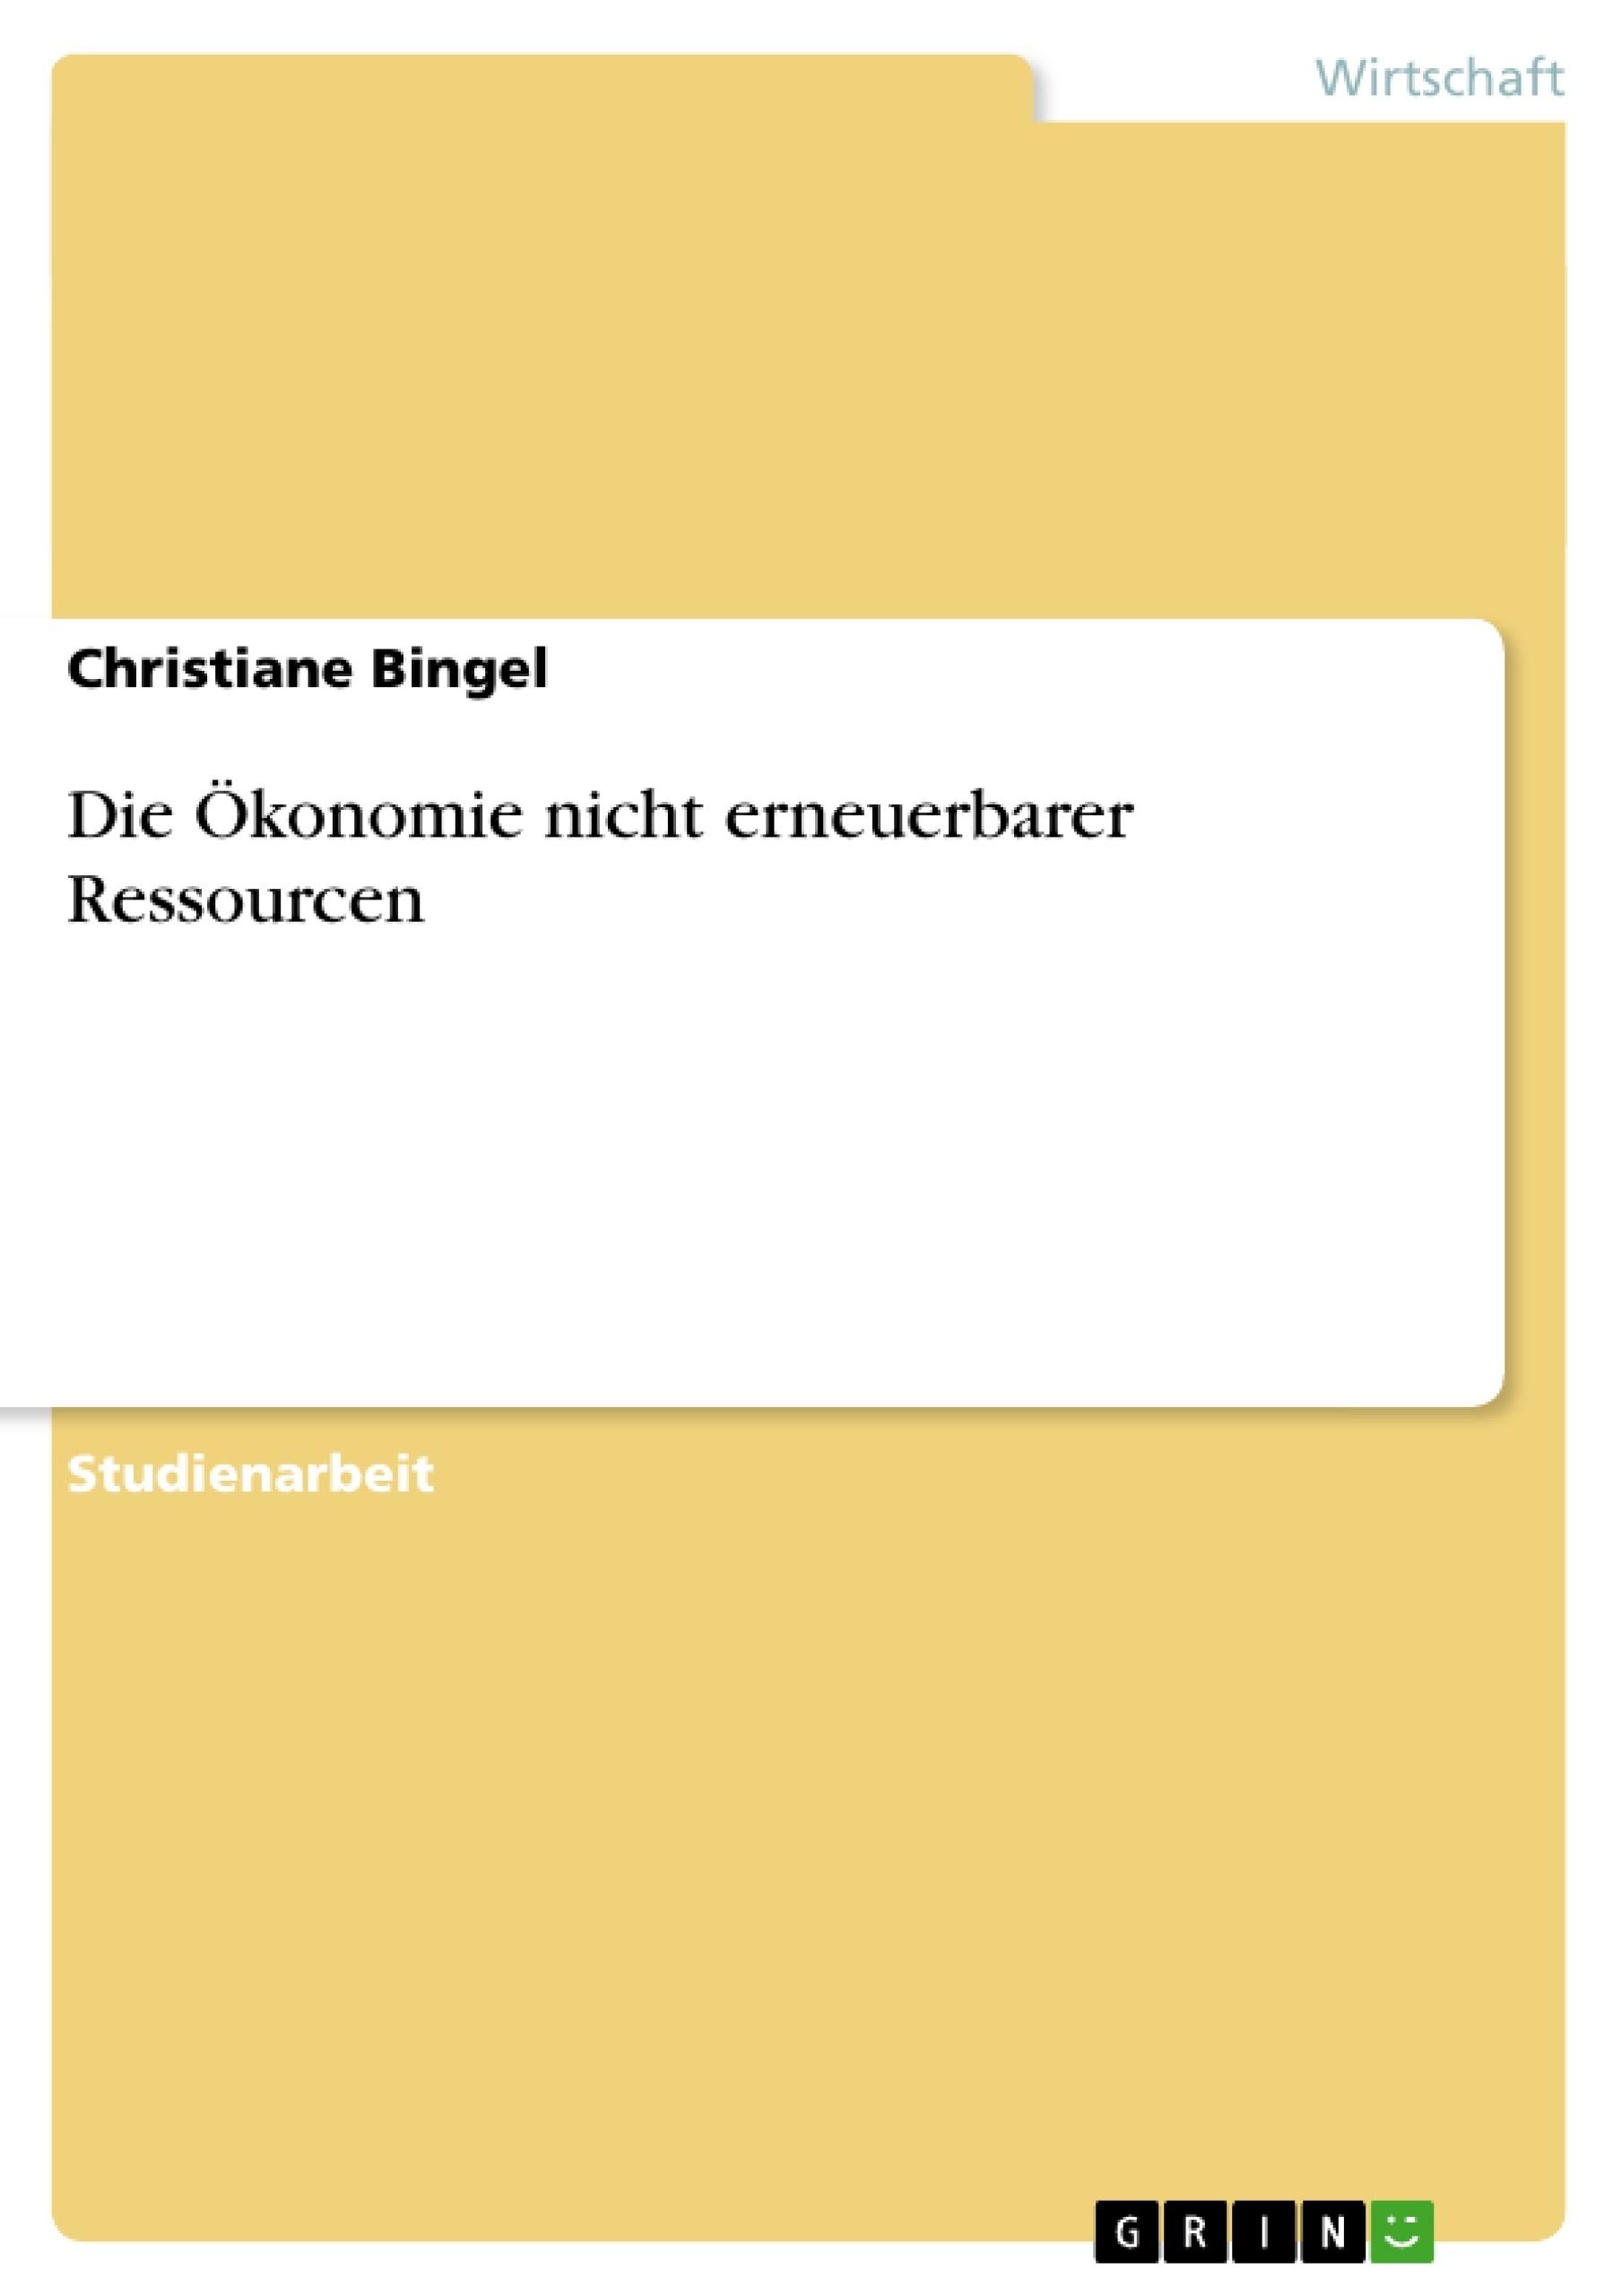 Titel: Die Ökonomie nicht erneuerbarer Ressourcen